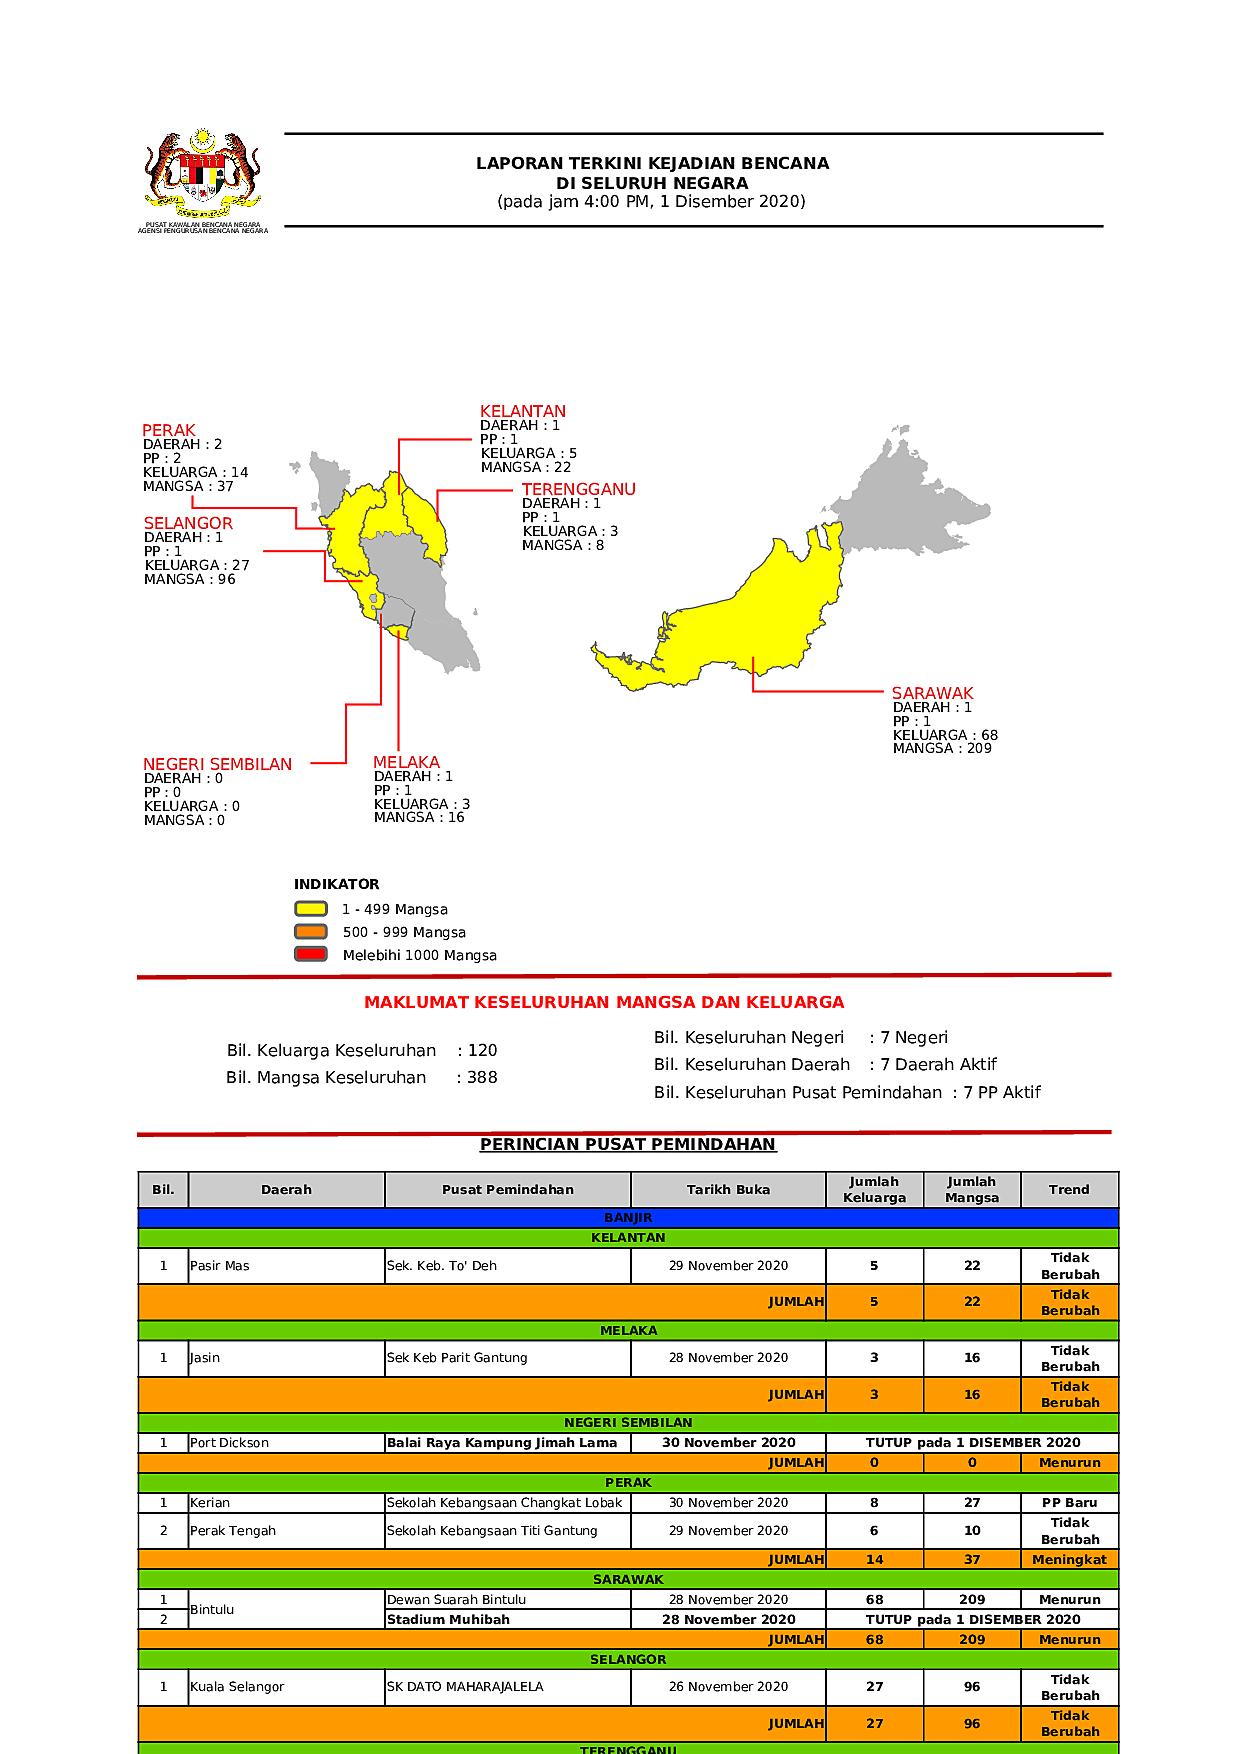 Laporan Situasi 01/12/2020 04:00 PM oleh Operator Datu